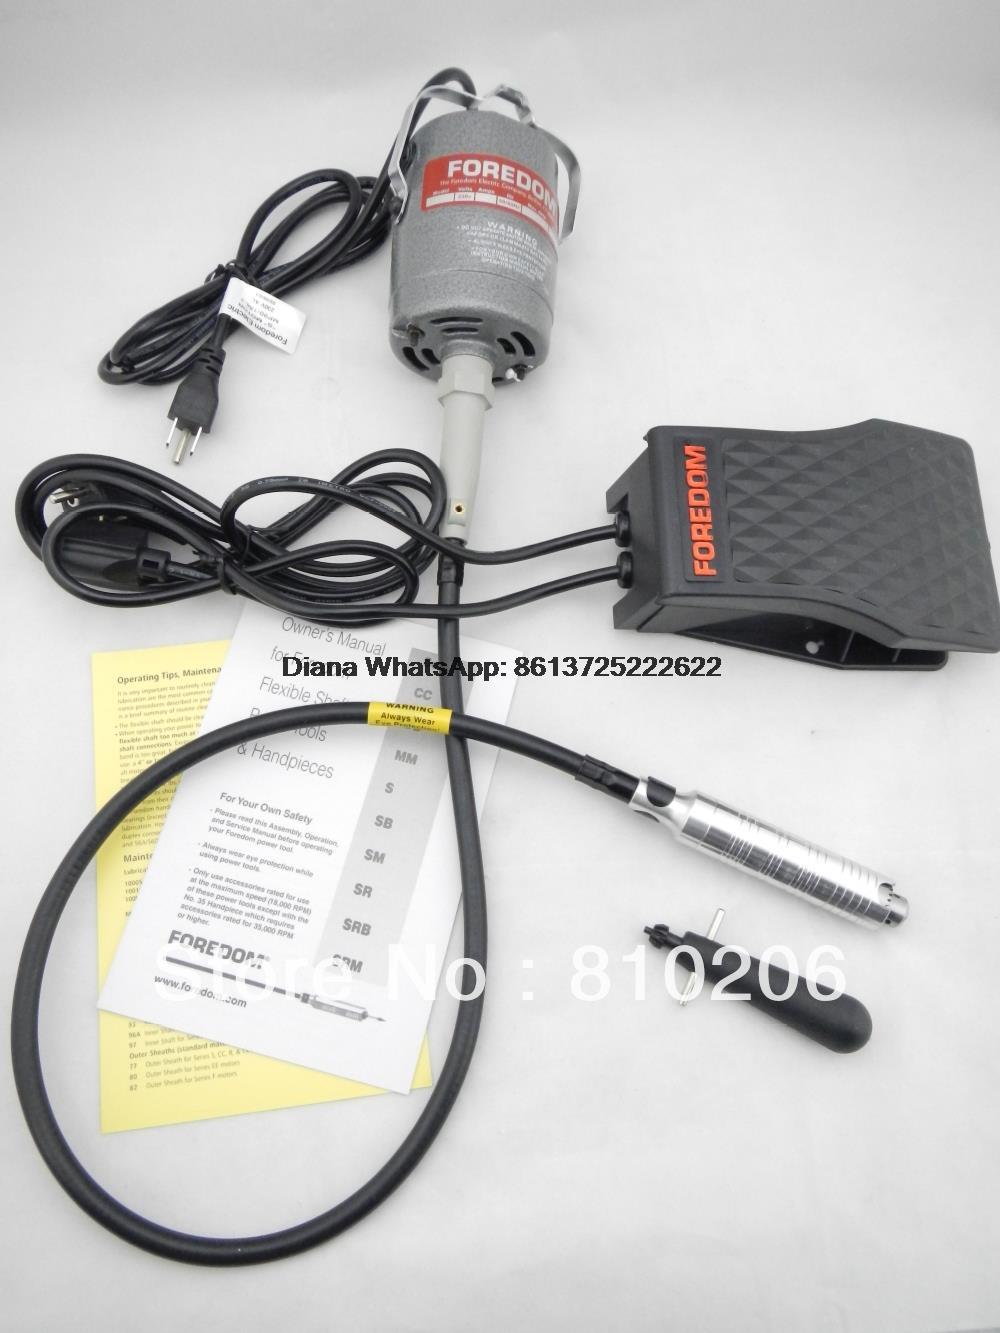 FRETE GRÁTIS PARA NOVO 220V Foredom Flex Eixo Do Motor Dremel Motor de polimento ferramentas de jóias equipamentos